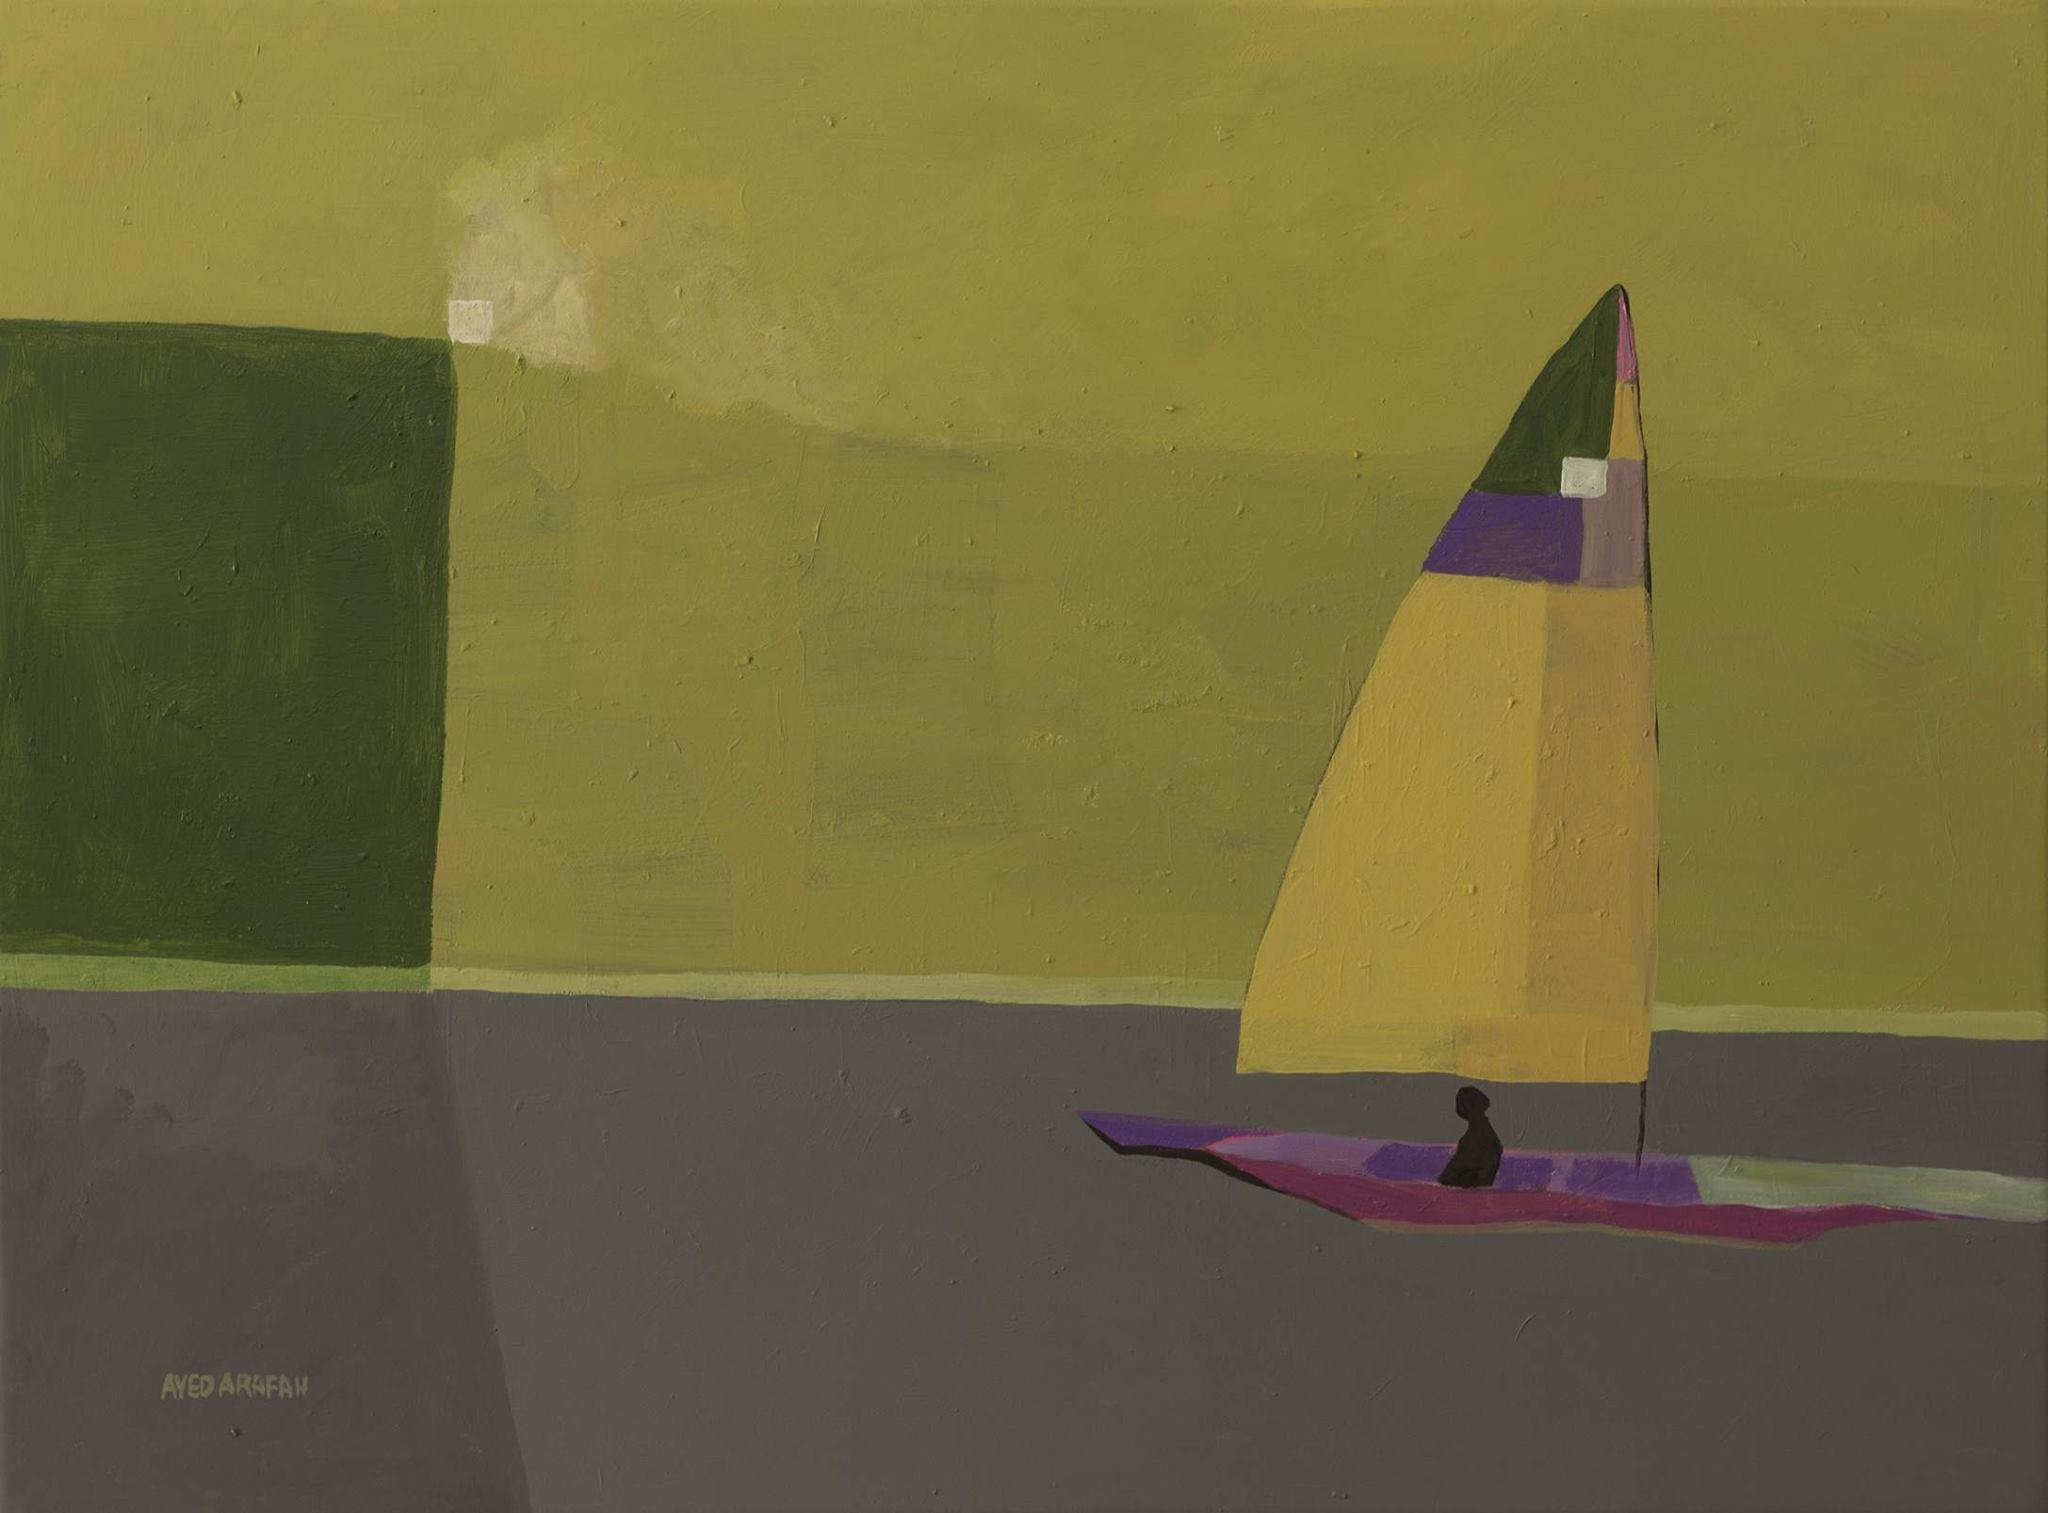 قارب في بحر اسمنتي: معرض